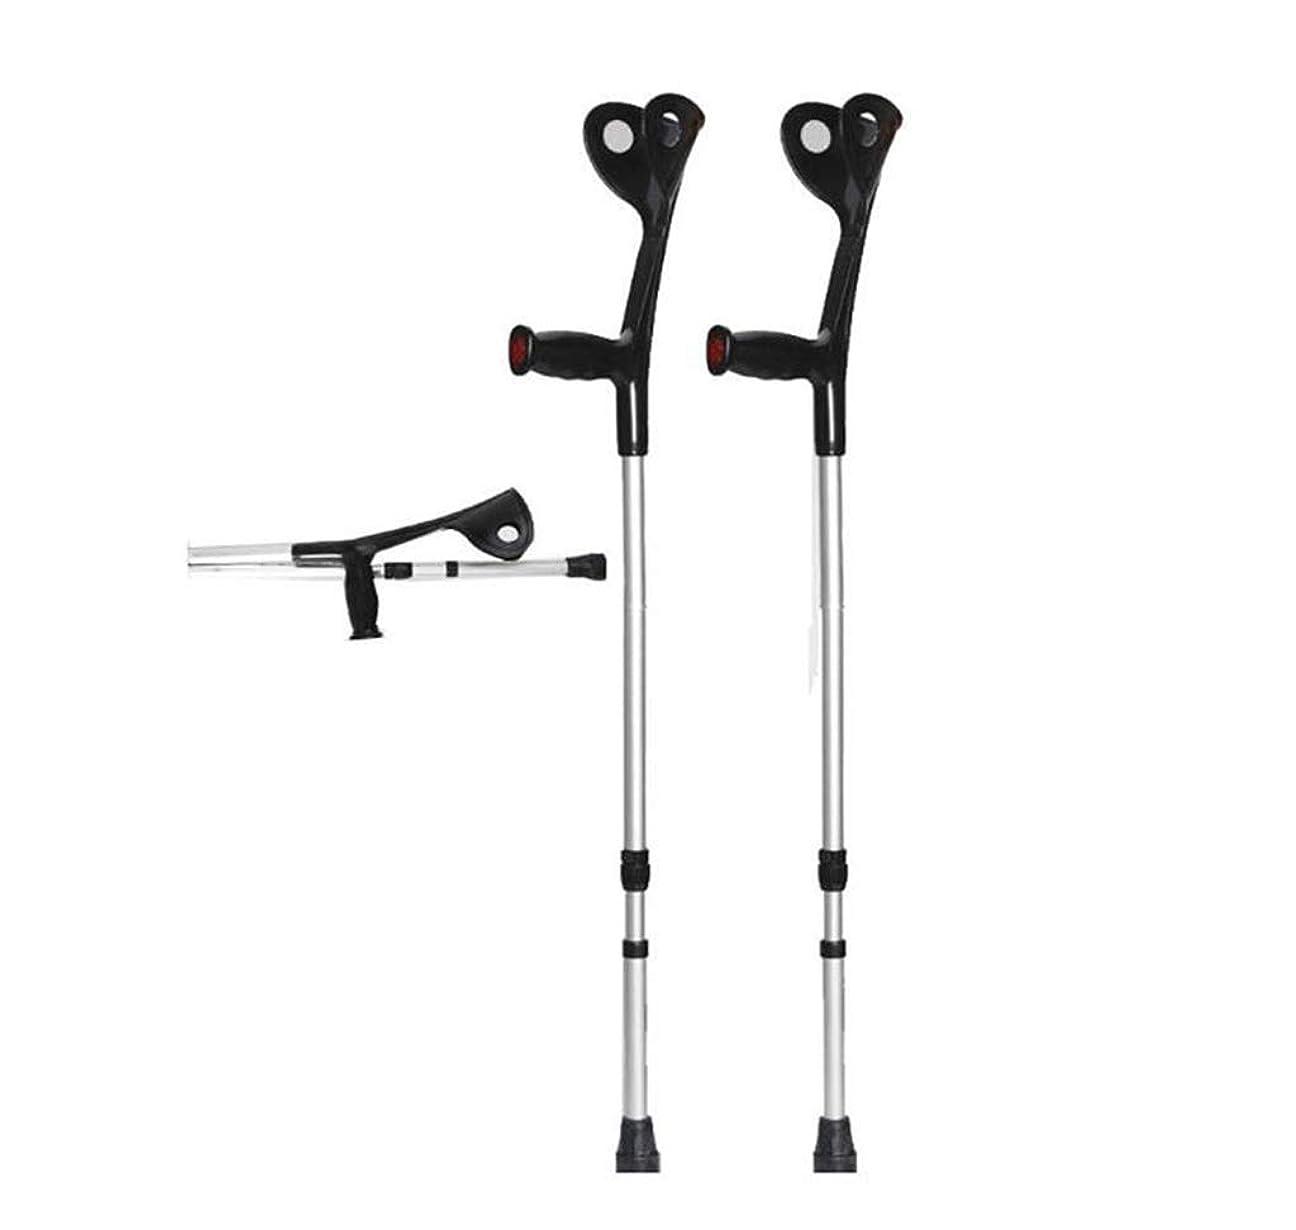 こんにちは医療のかわいらしい松葉杖折りたたみ歩行前腕松葉杖軽量アームカフ松葉杖調節可能な脇の松葉杖大人用, 人間工学に基づいたハンドル